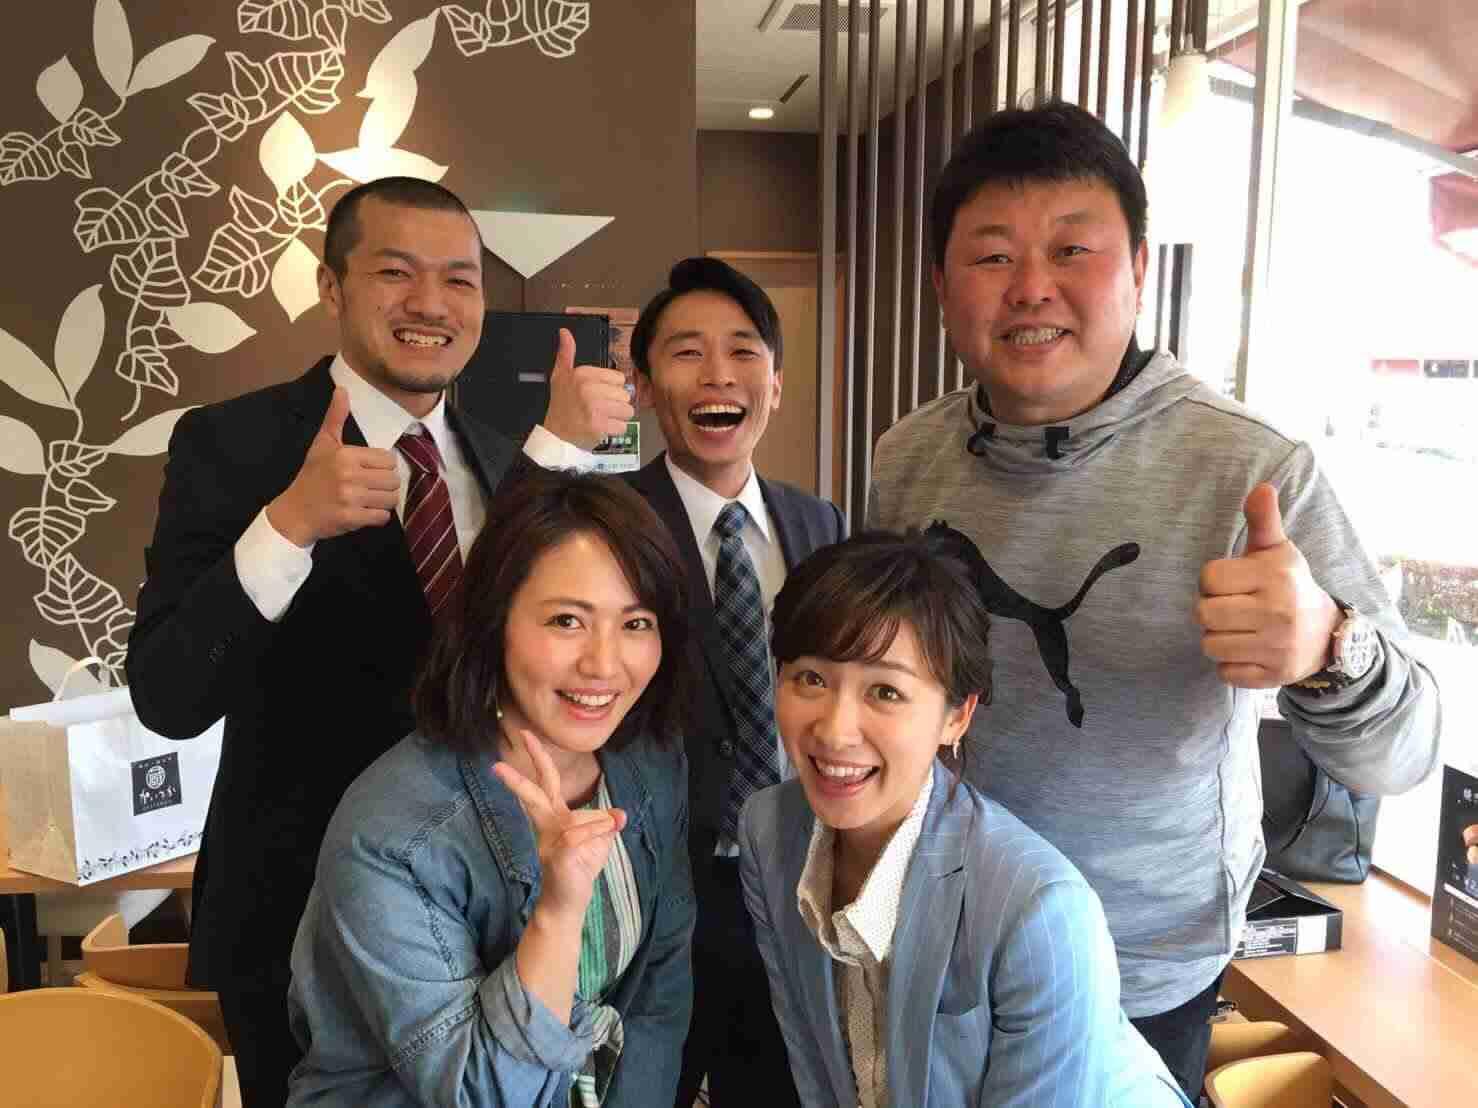 芸人のカミナリが好きな人〜!